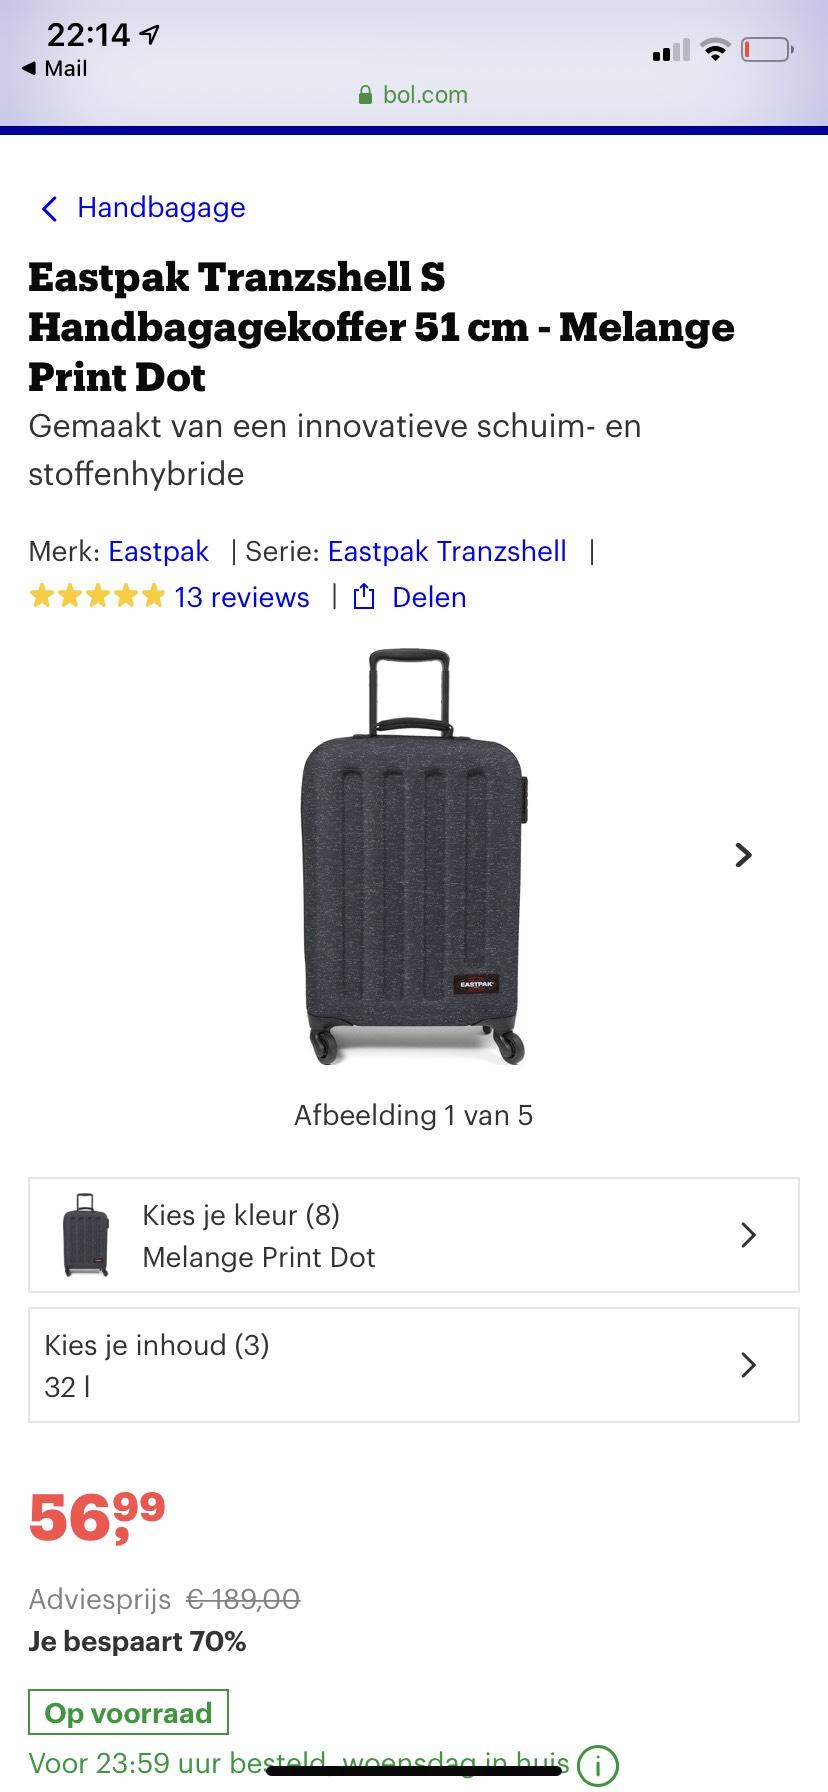 Eastpak handbagage koffer met 70% korting en gratis verzending